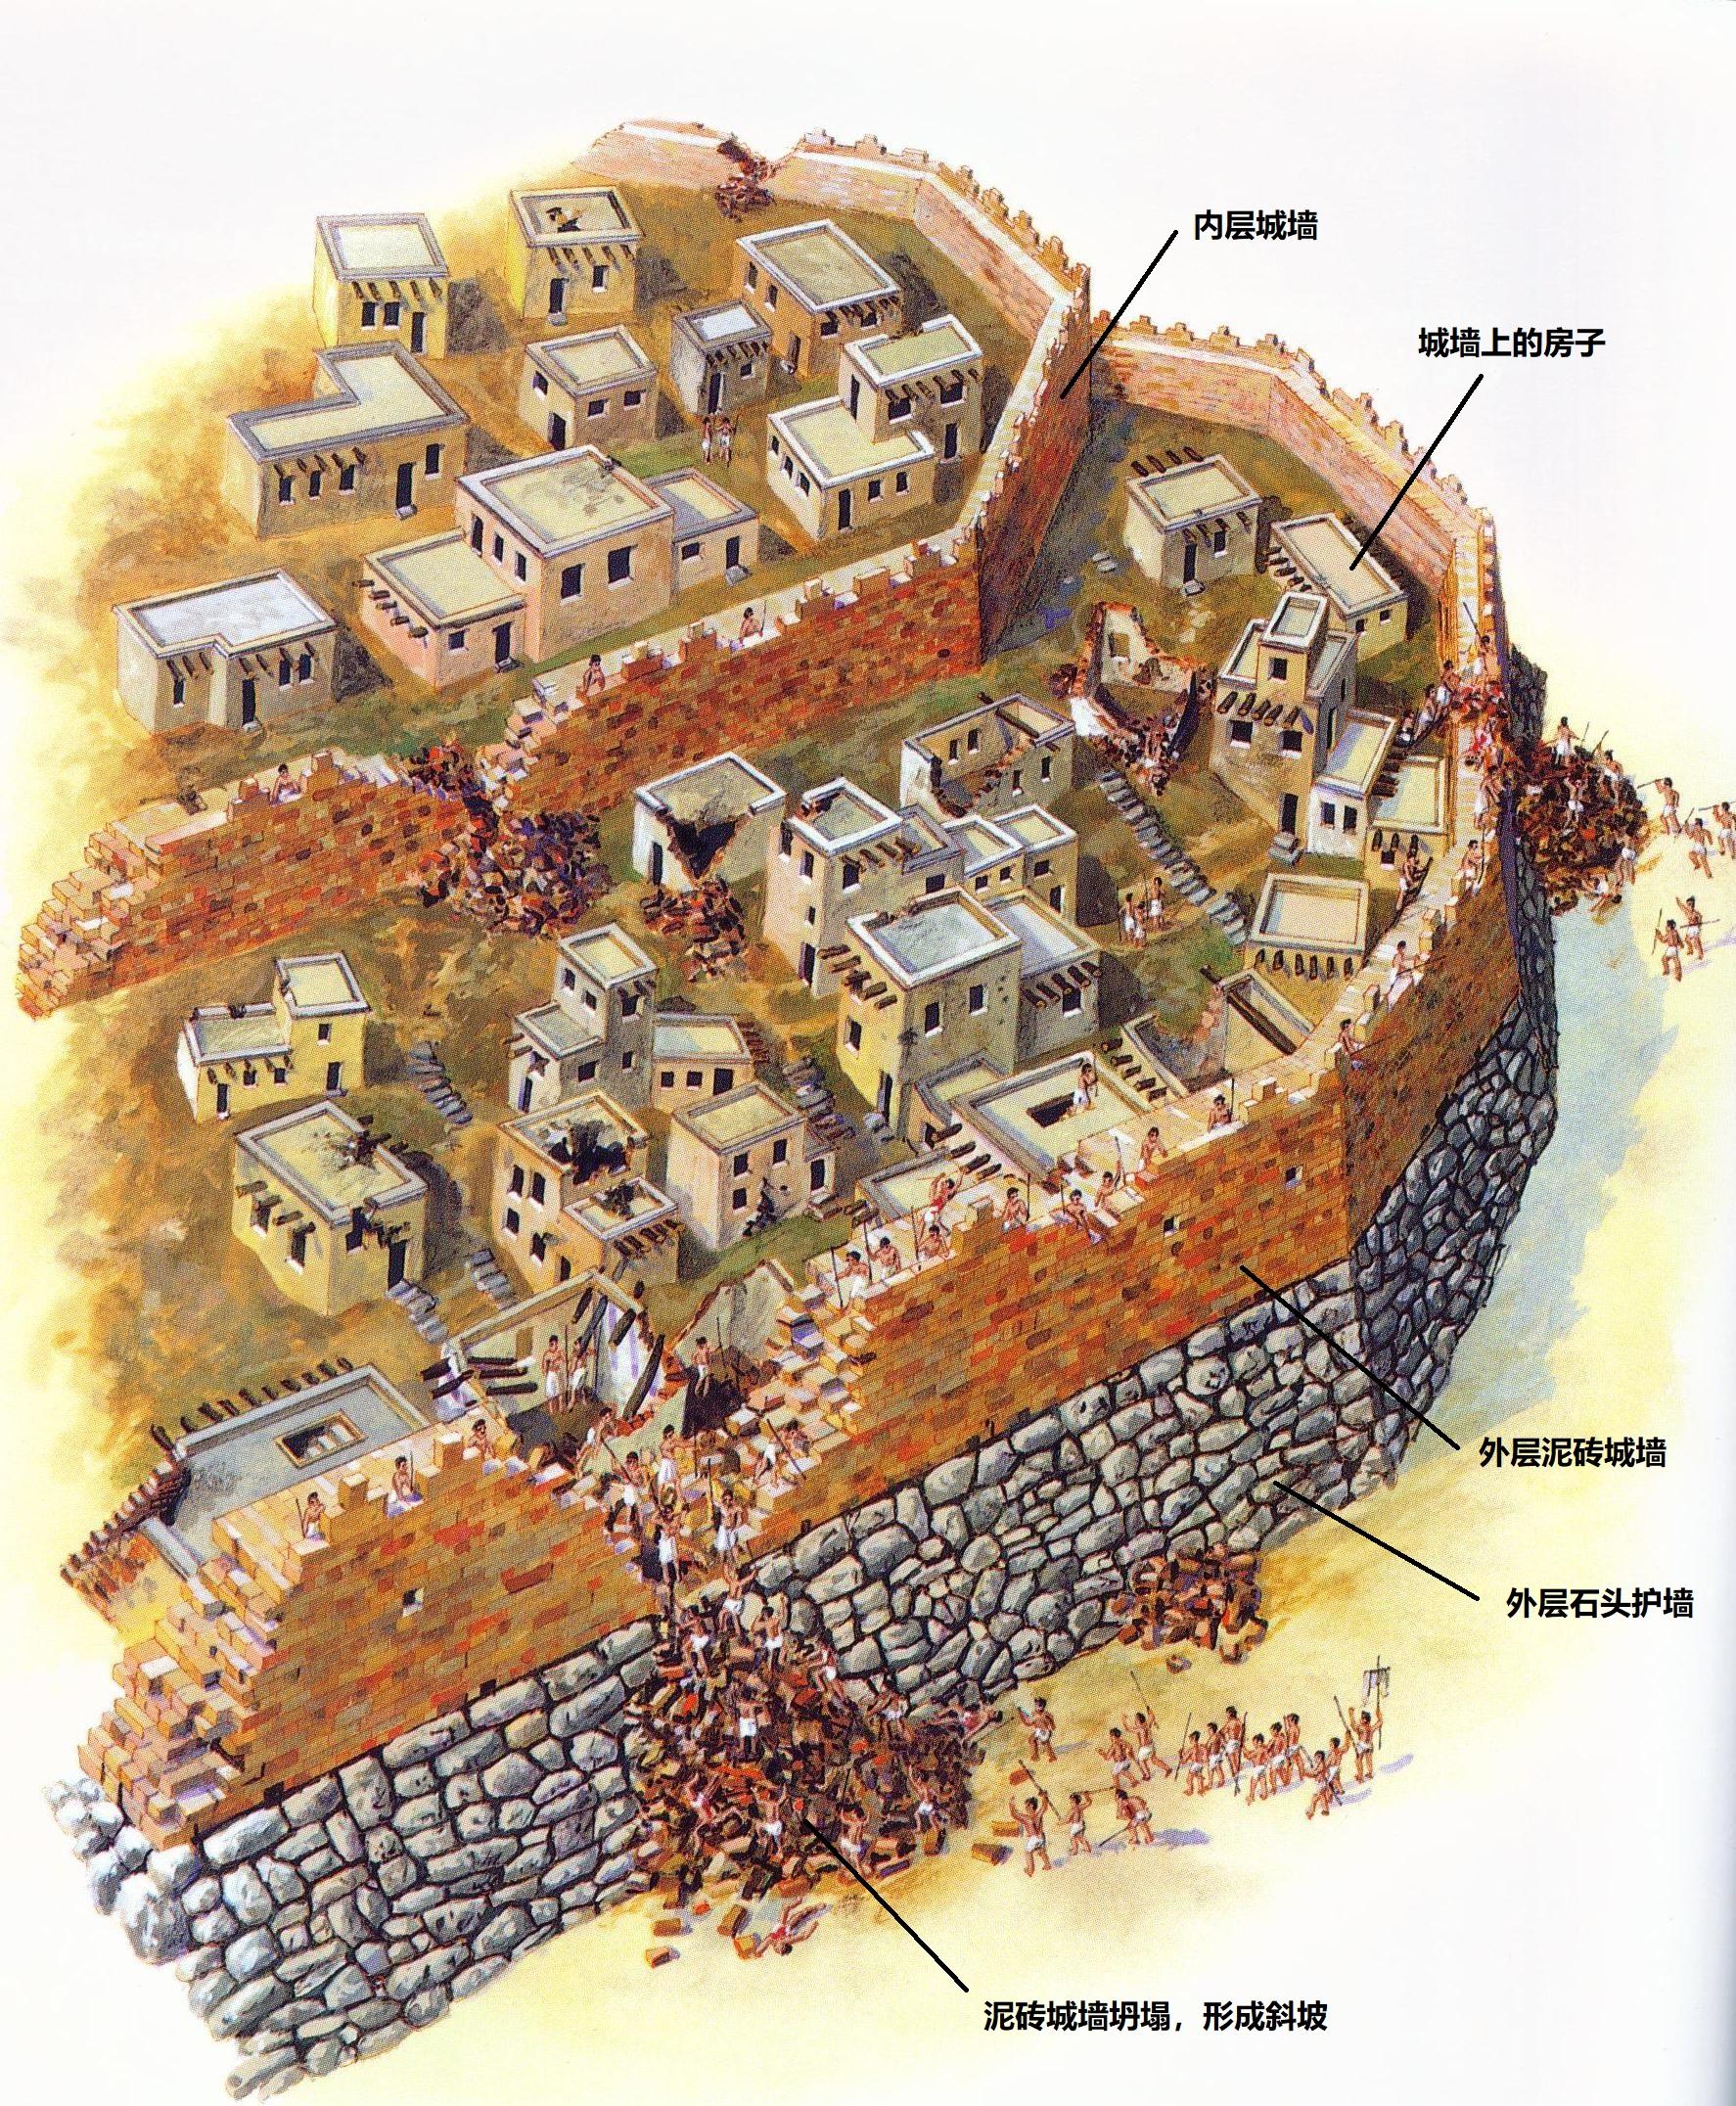 上图:根据以上照片所绘的复原图。耶利哥的城墙倒塌了,石头护墙和其上的泥砖墙裂开,倒下的泥砖堆成坡道,攻城者可以长驱直入。